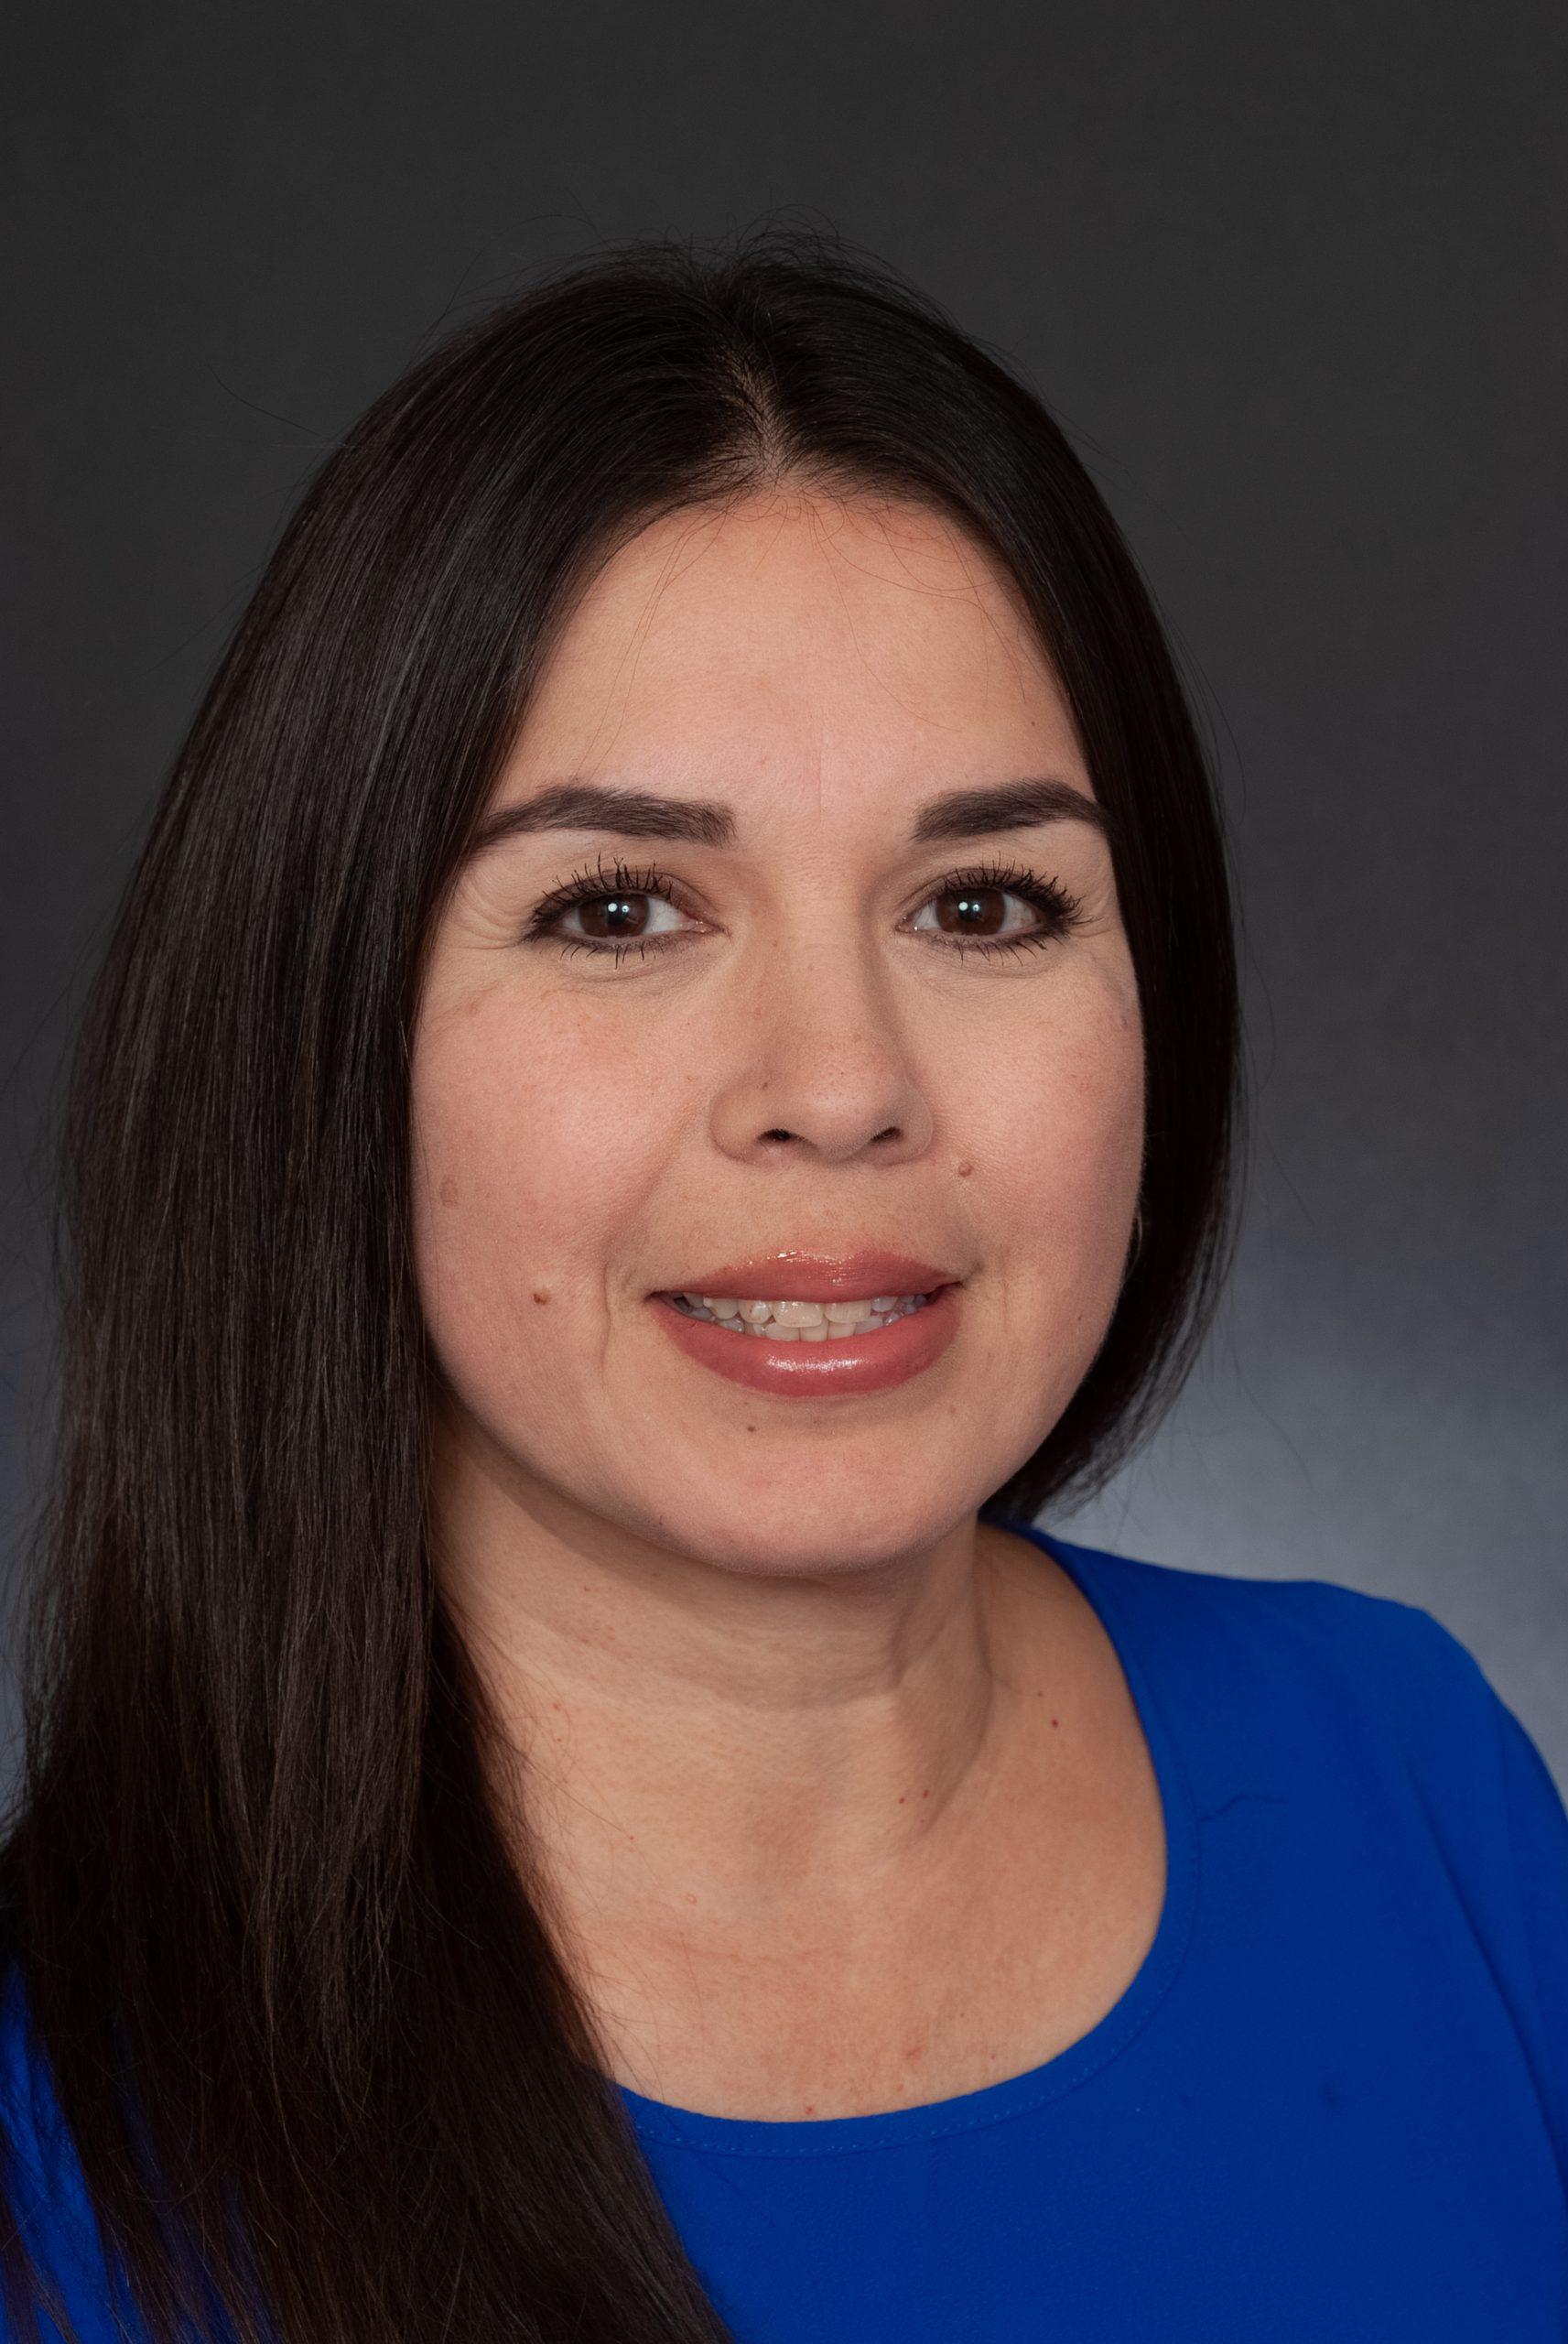 Rosalinda Saldana